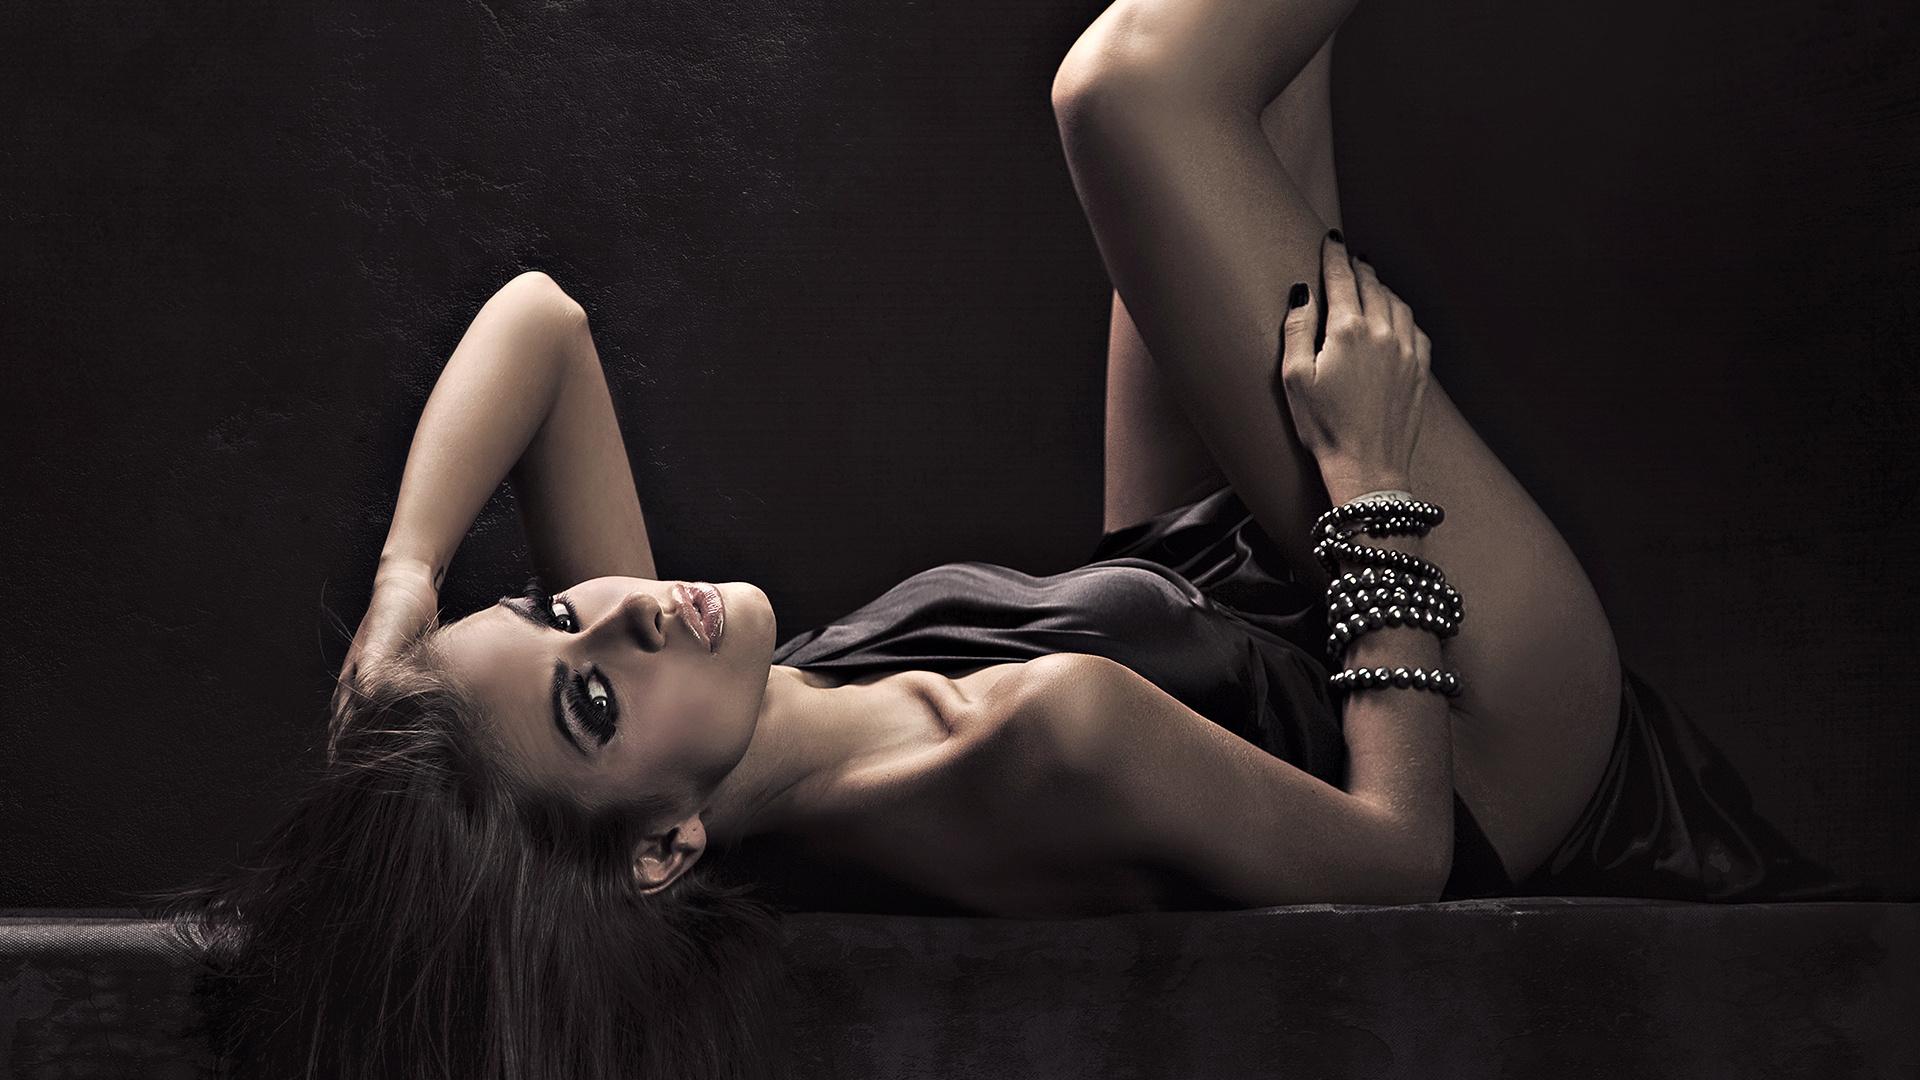 Тело девушки нежное 10 фотография